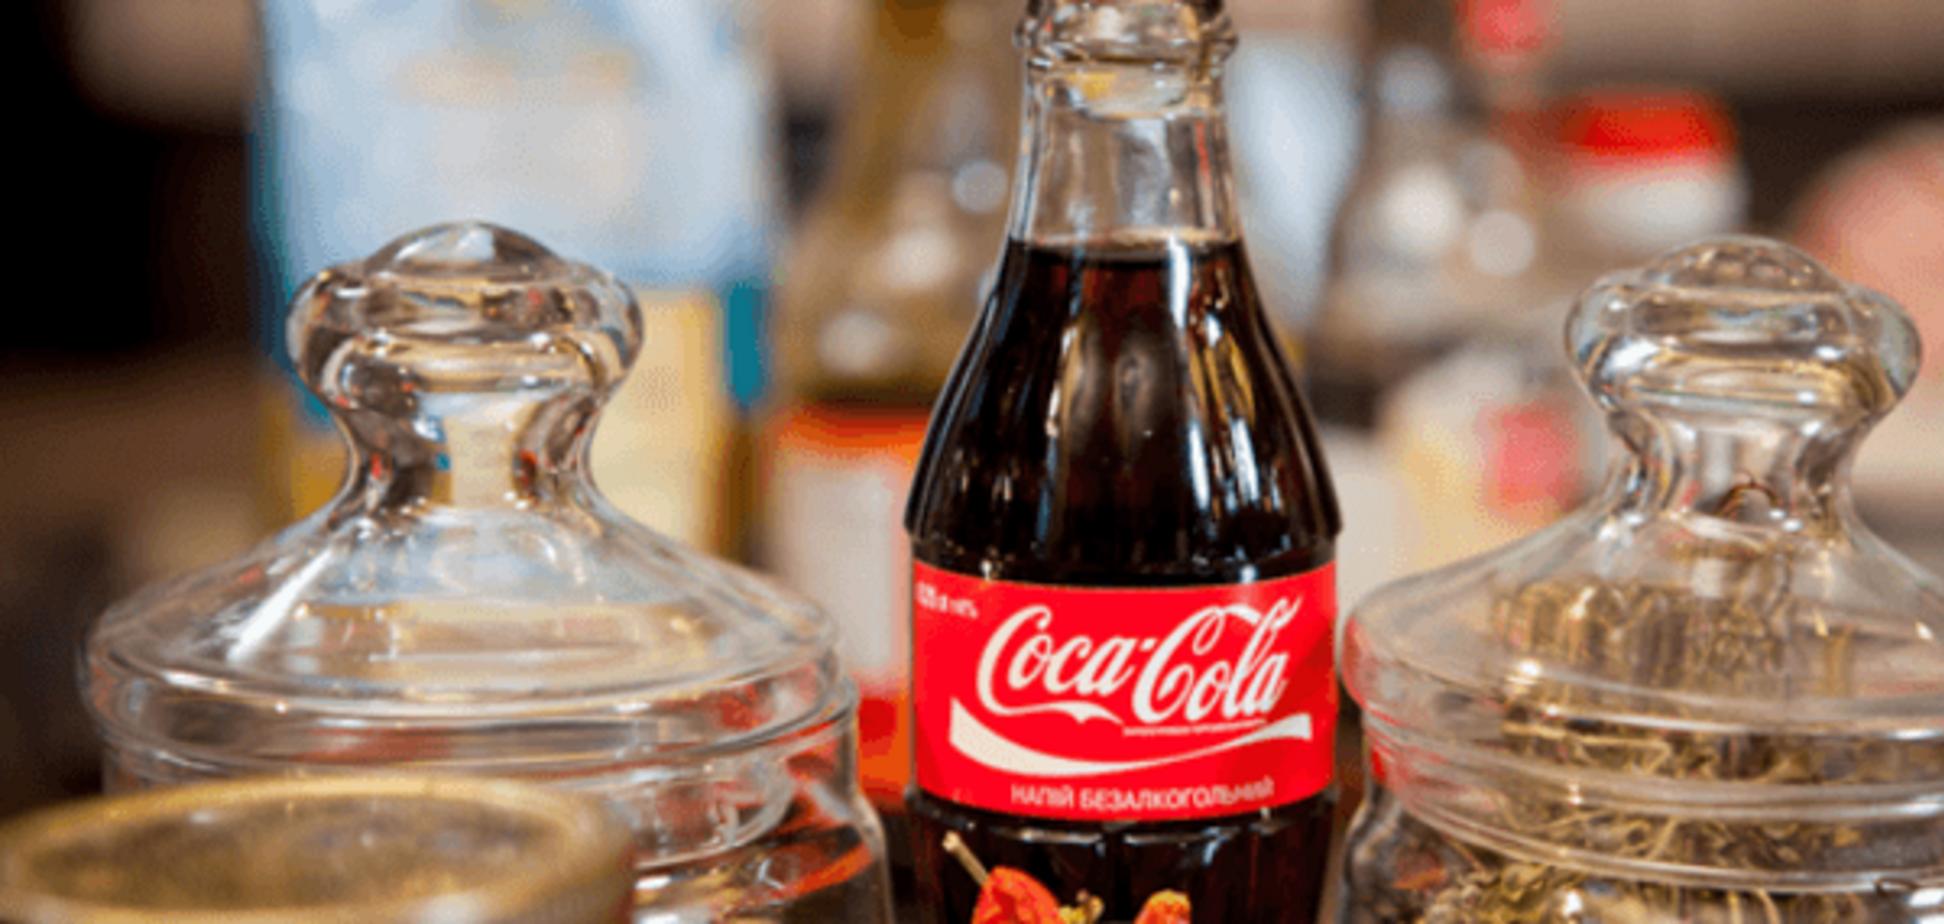 Скандальна реклама: в Coca-Cola пояснили, як Крим став частиною Росії